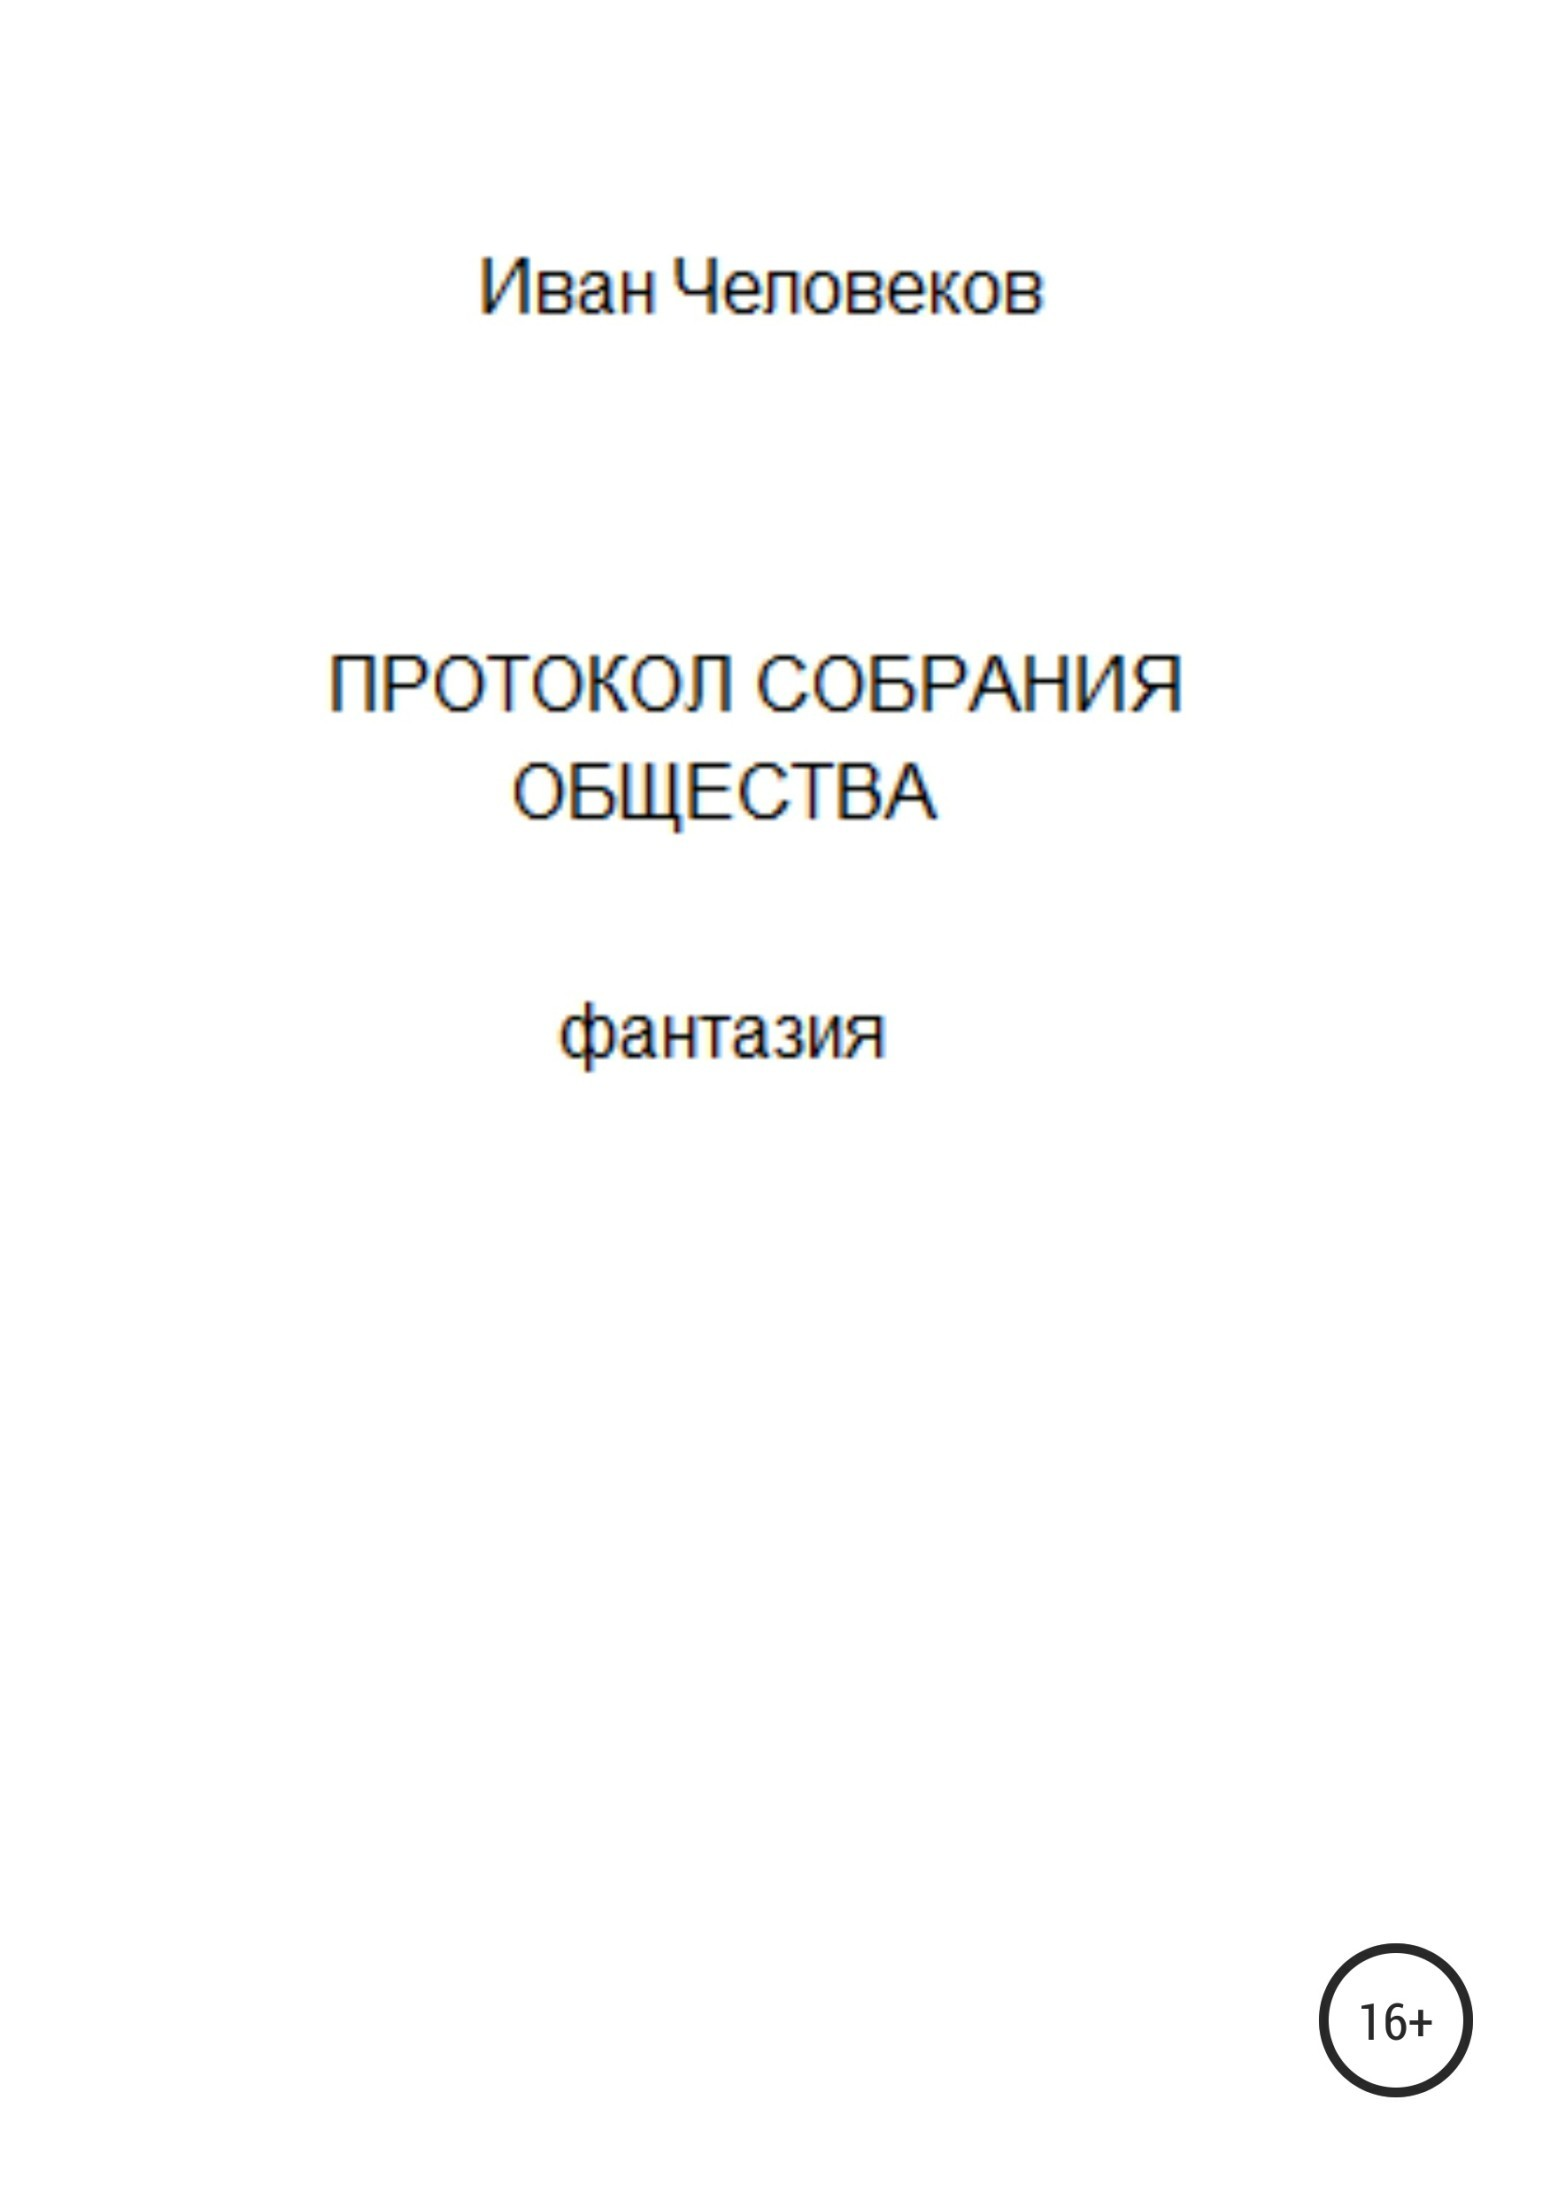 Протокол собрания общества